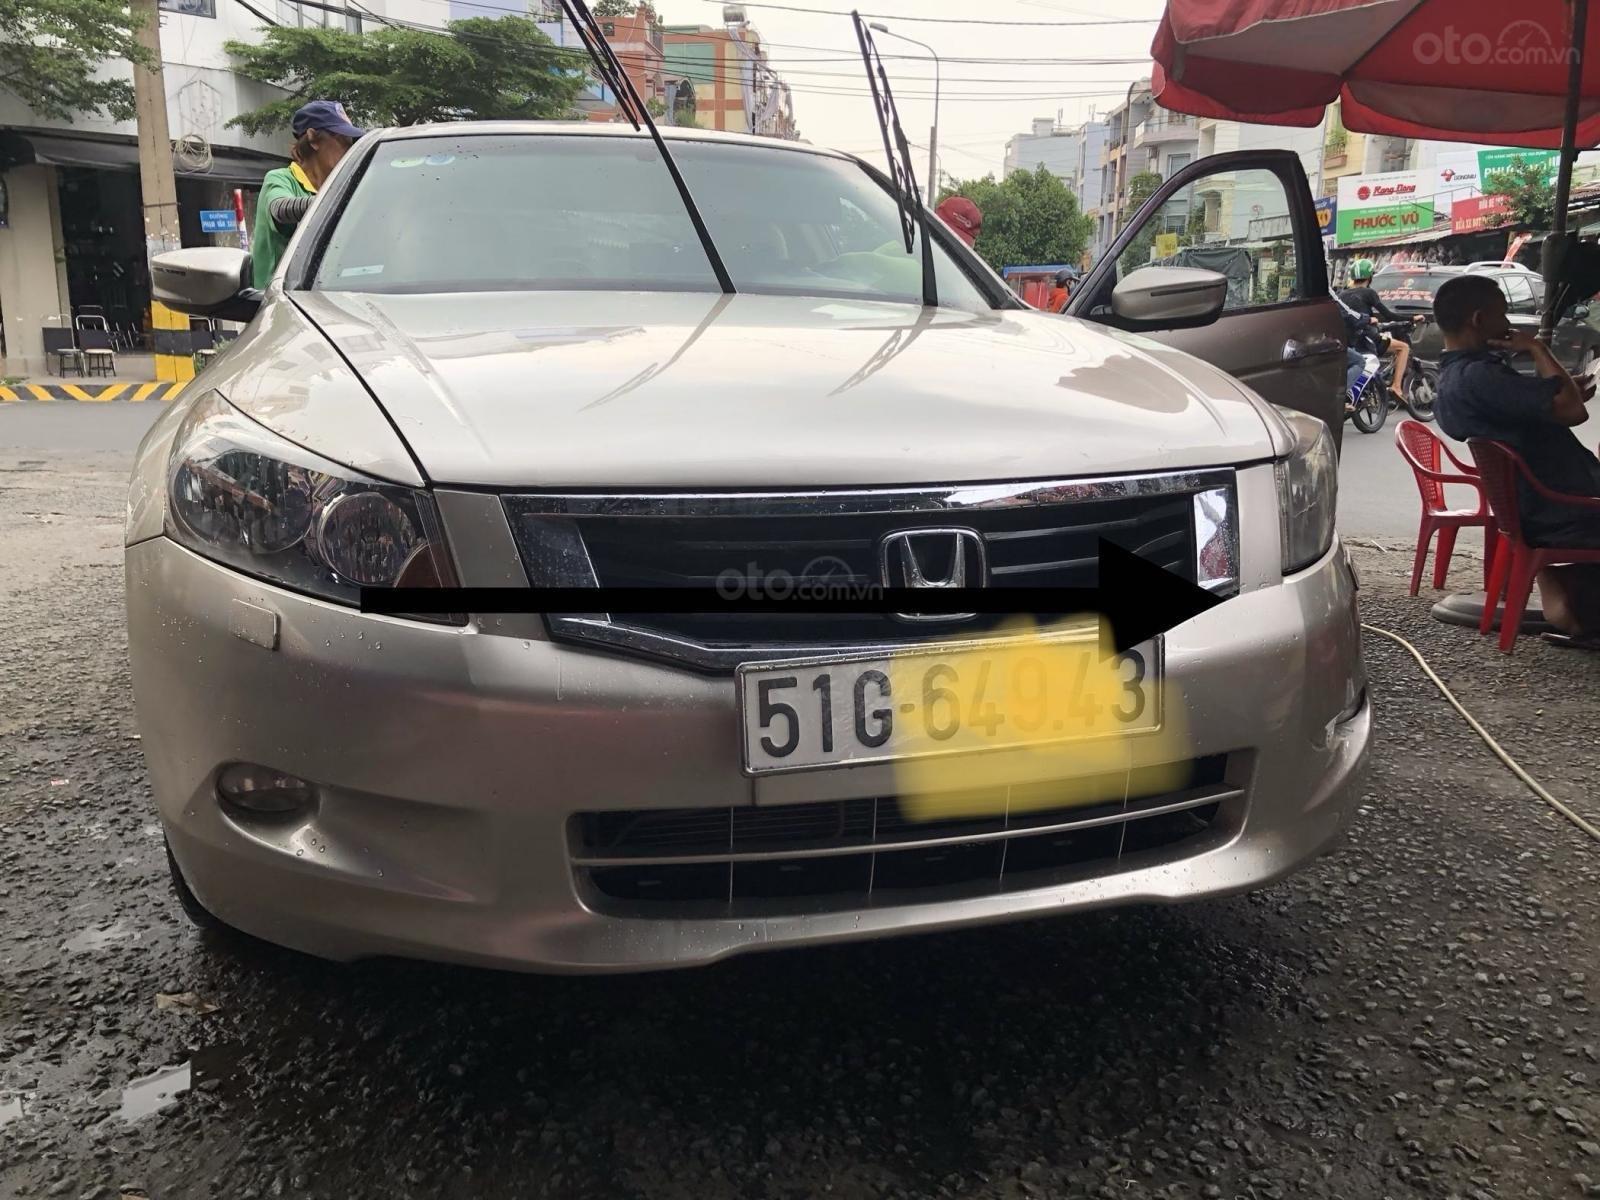 Cần bán Honda Accord EX 2008,  2.4 nhập Nhật, hàng xuất Mỹ (8)